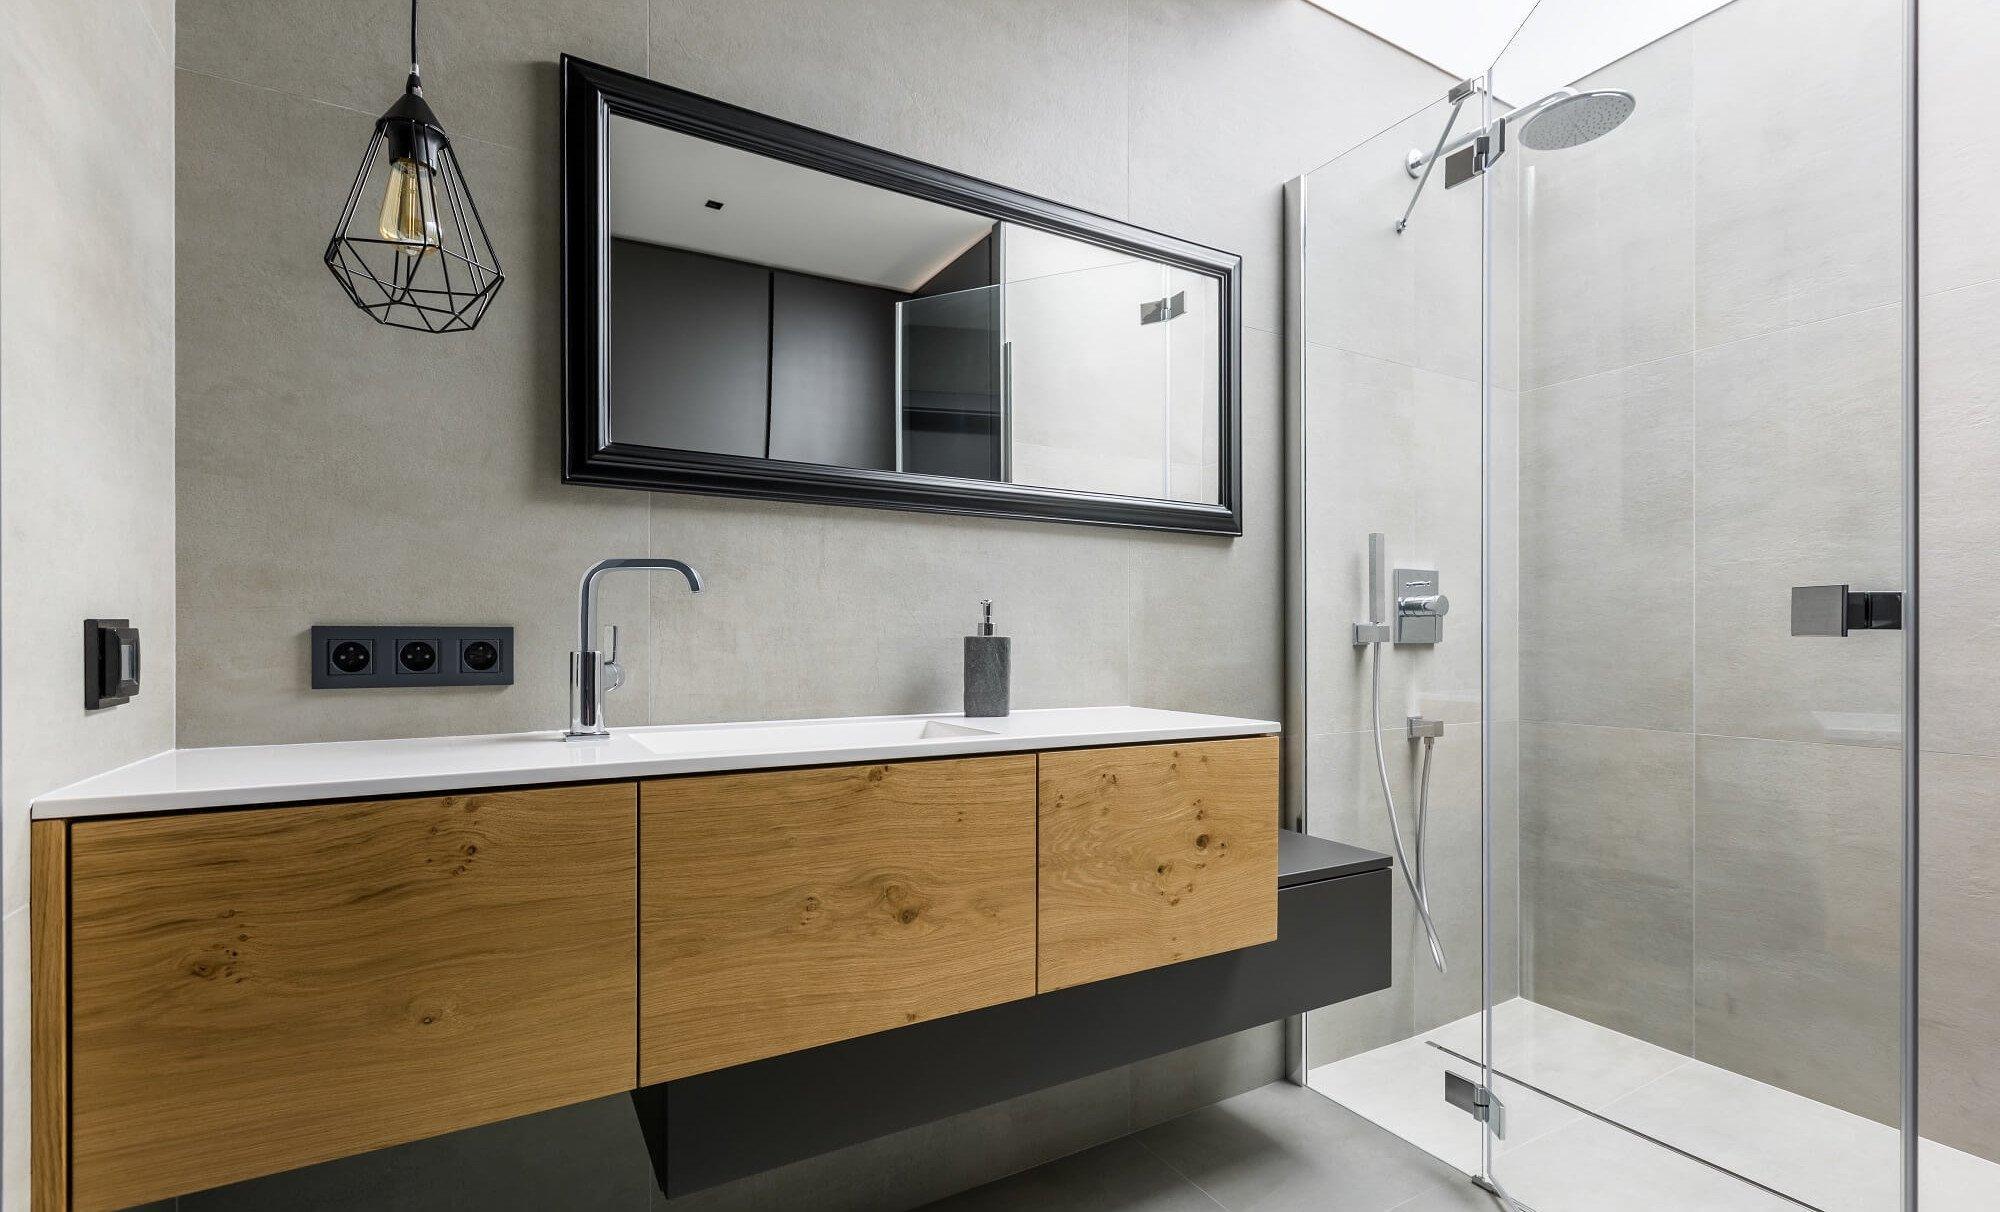 modernes_Badezimmer_mit_grauen_Fliesen_und_einer_Dusche_aus_Glas